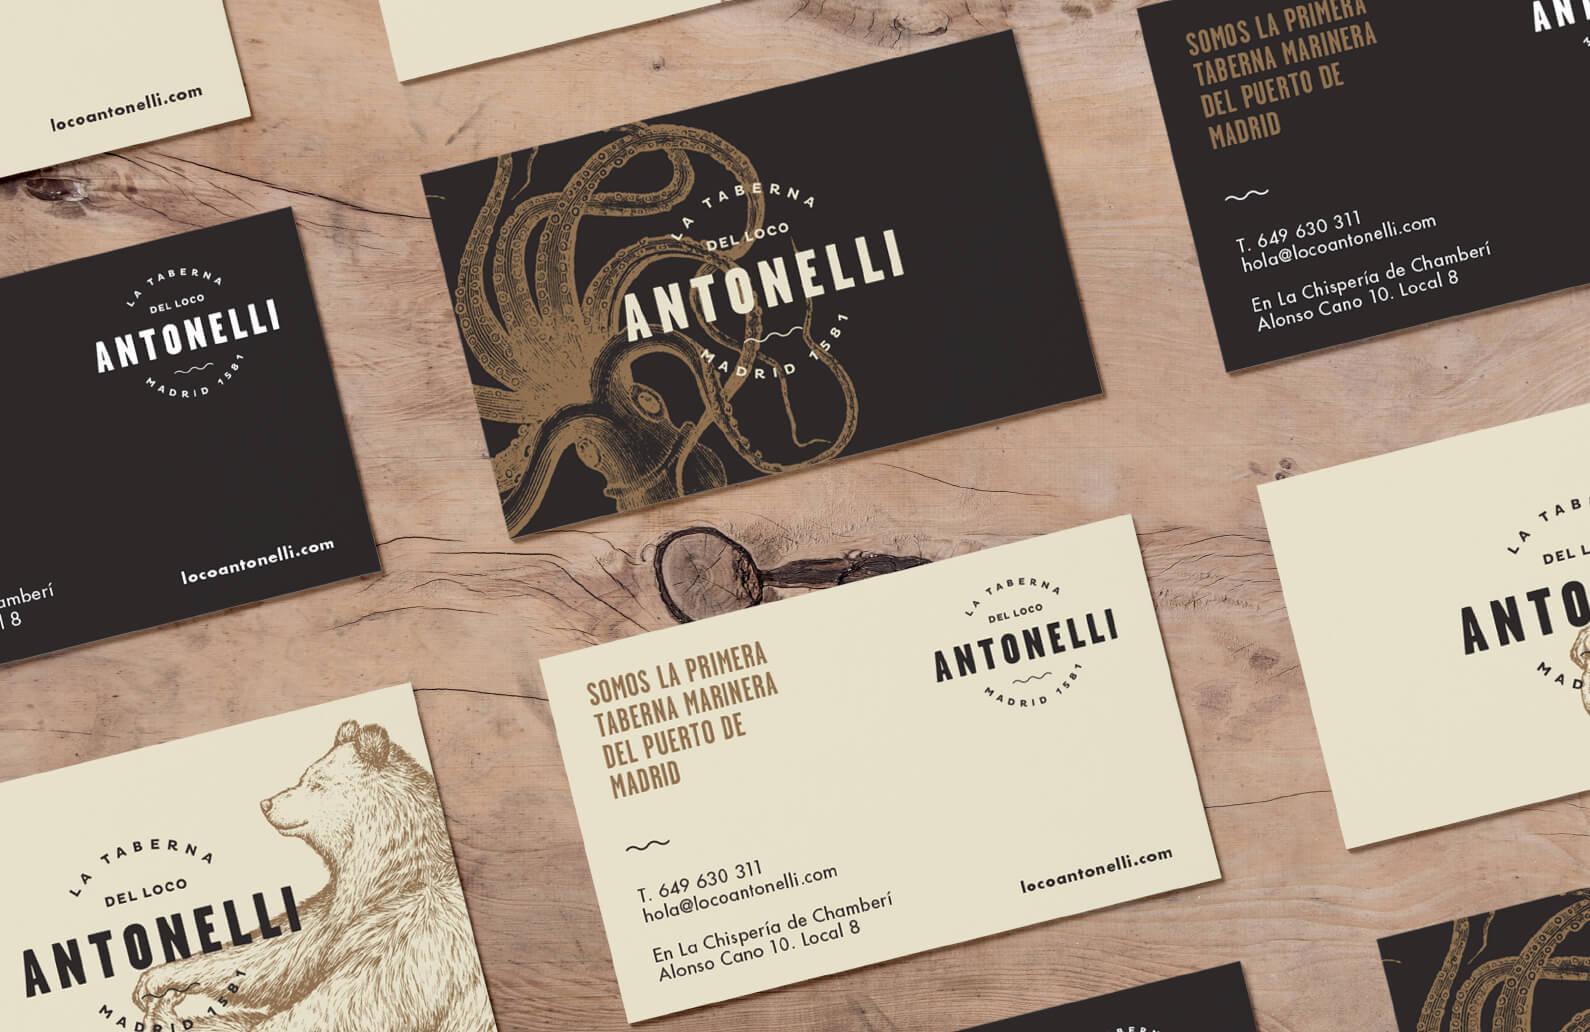 El-loco-Antonelli-angel-espinosa-006